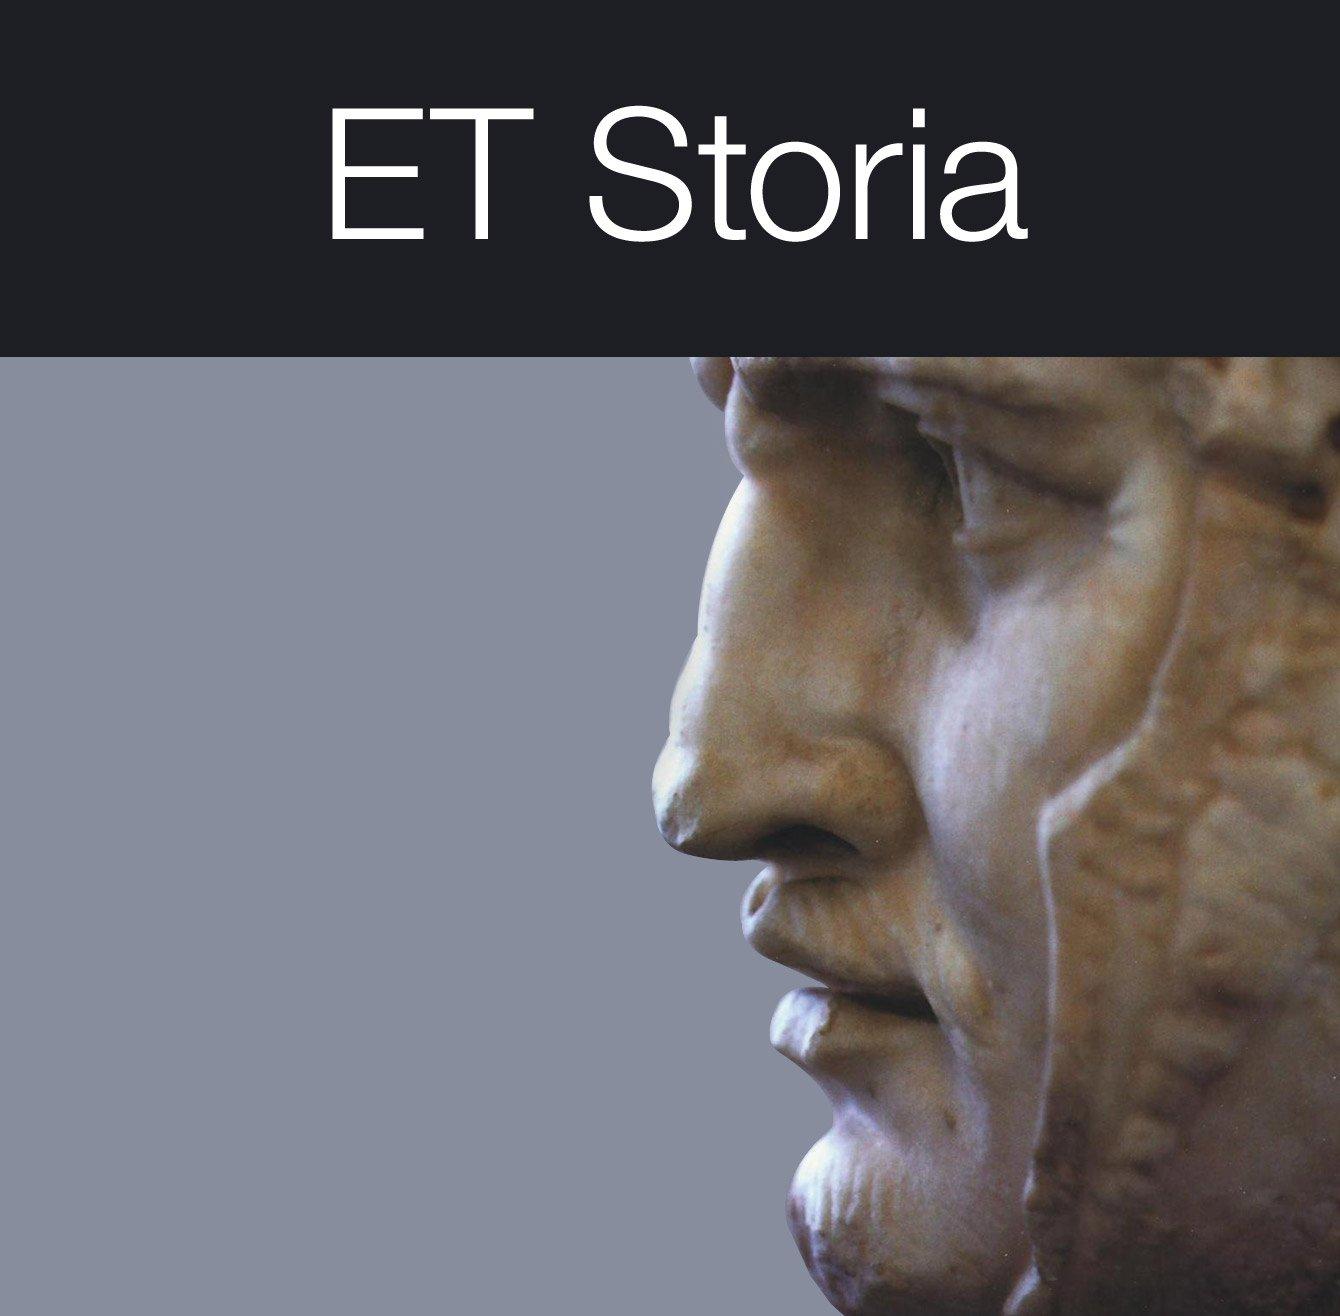 ET Storia